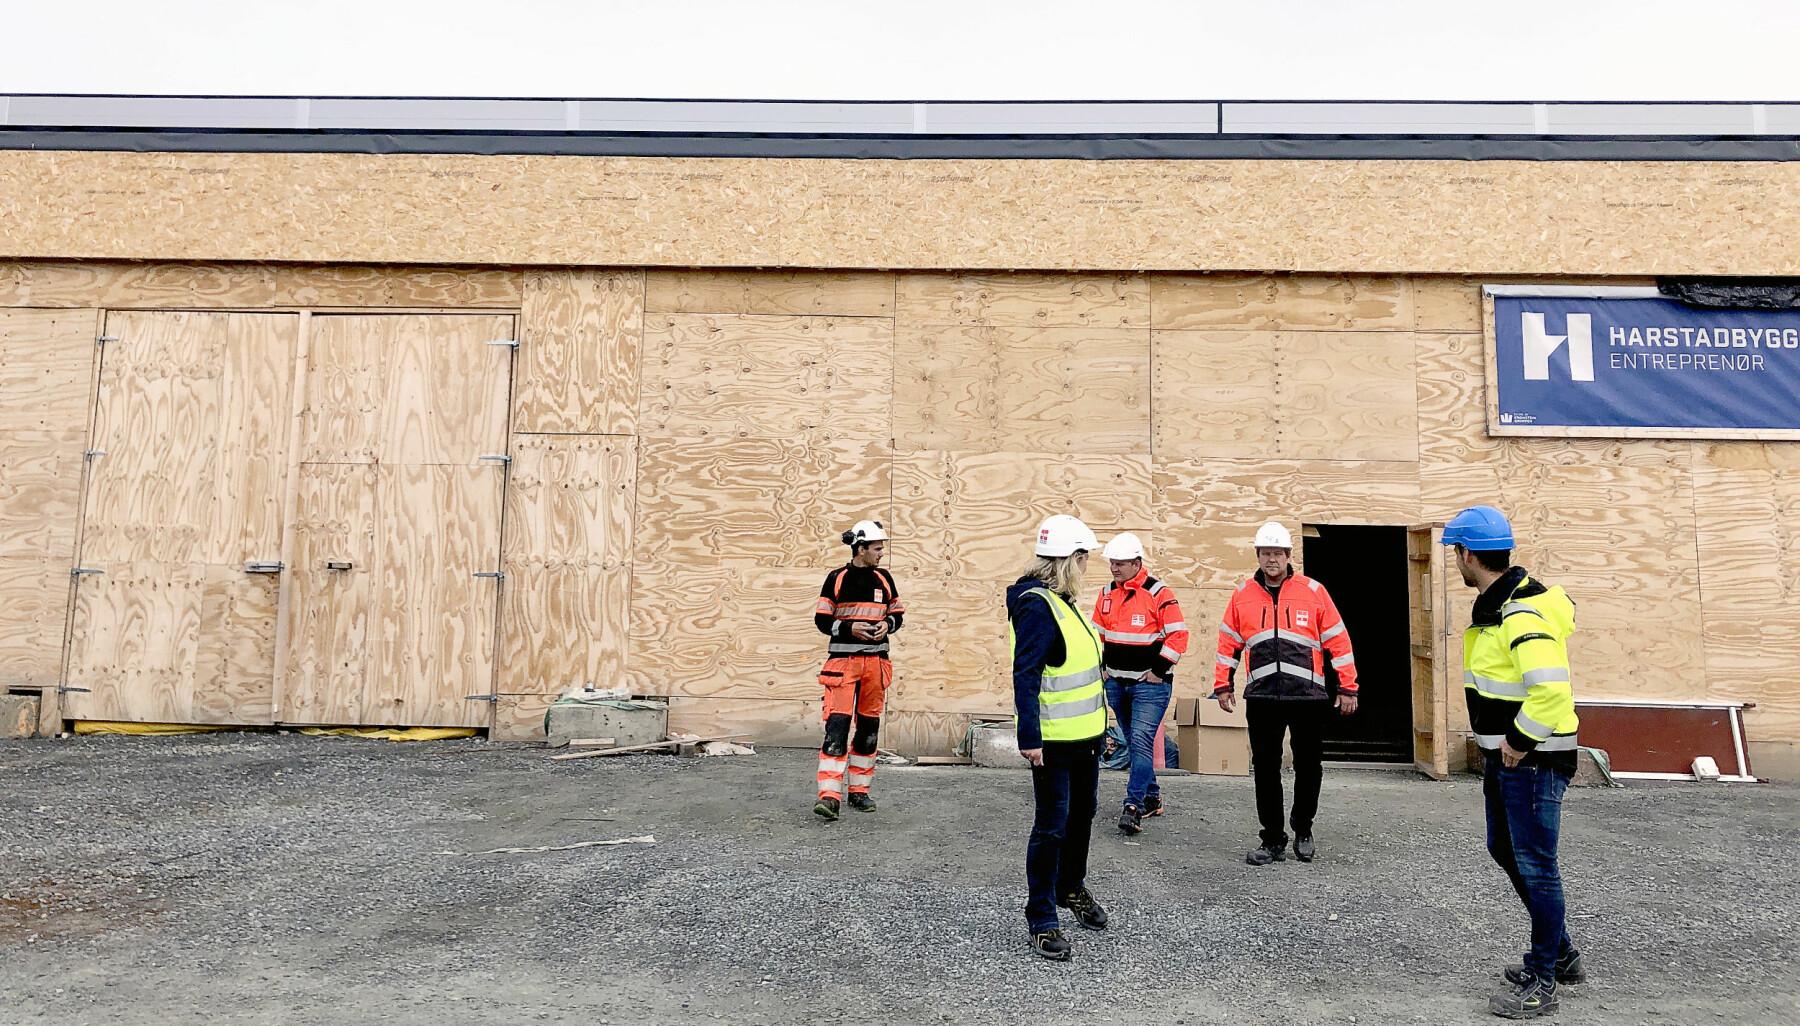 Harstadbygg Entreprenør bygger for tiden sitt eget hovedkontor kombinert med ny butikk for XL-BYGG.